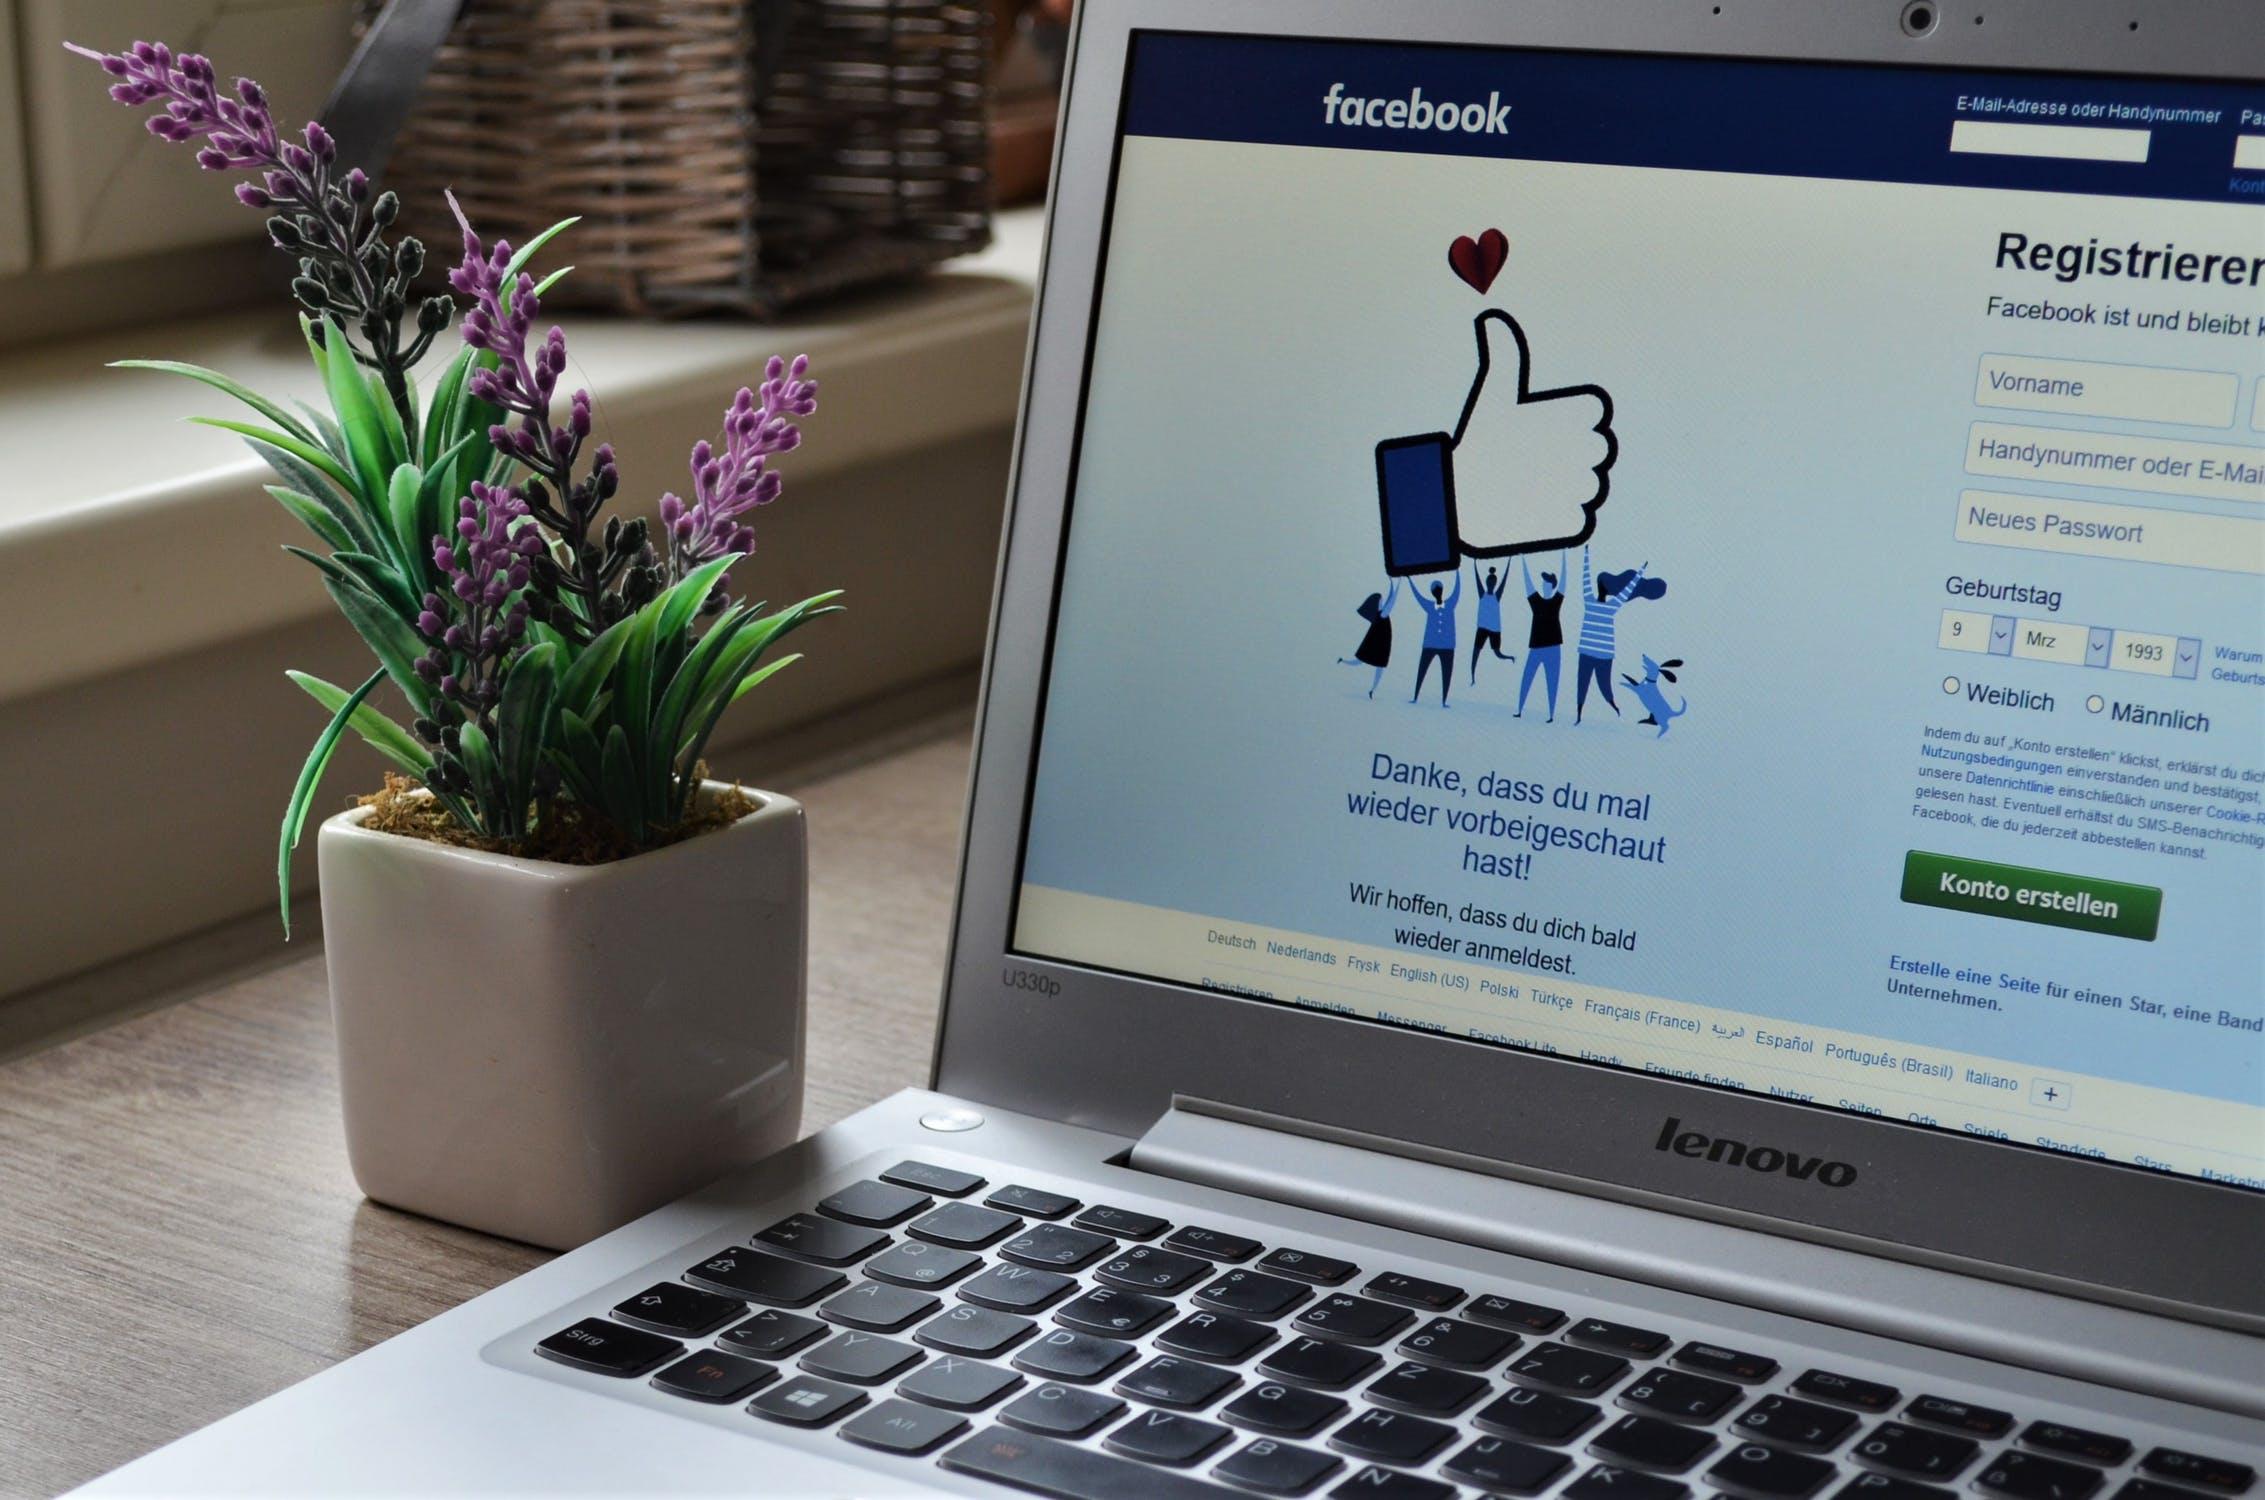 Comment promouvoir gratuitement son restaurant sur les réseaux sociaux ?